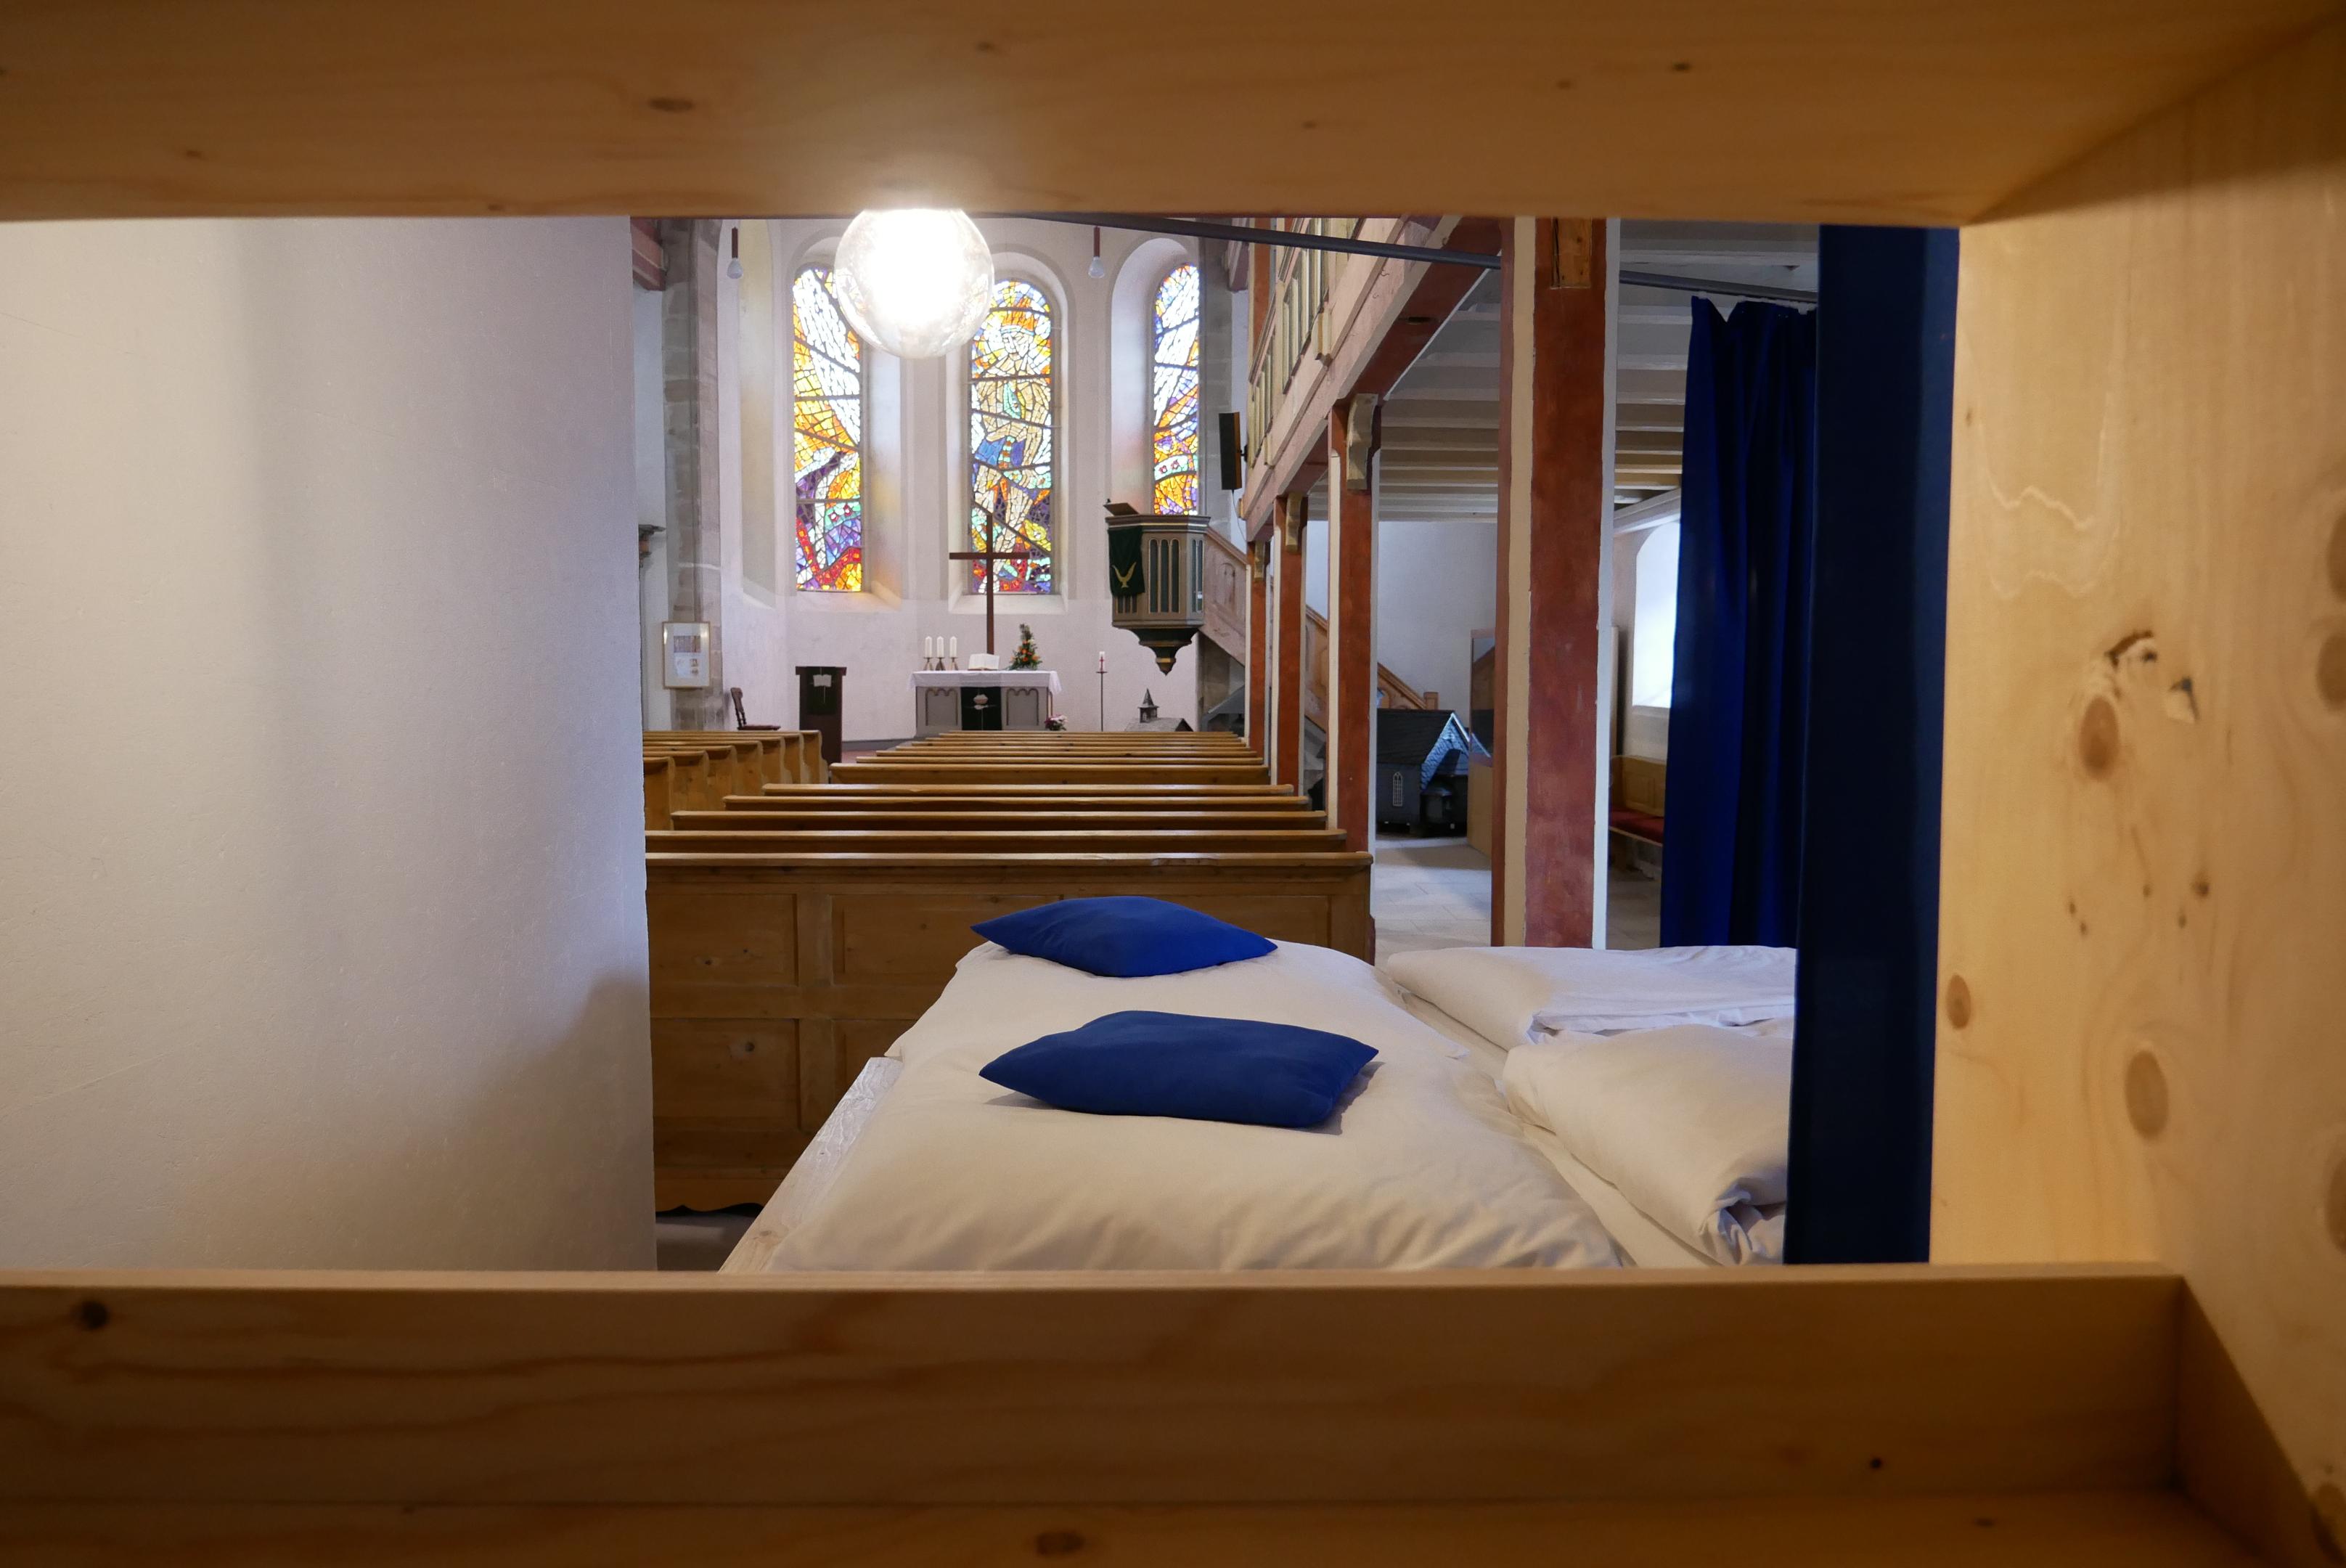 Blick in die Her(R)bergskirche in Neustadt am Rennsteig, Quelle: Thüringer Landgesellschaft mbH